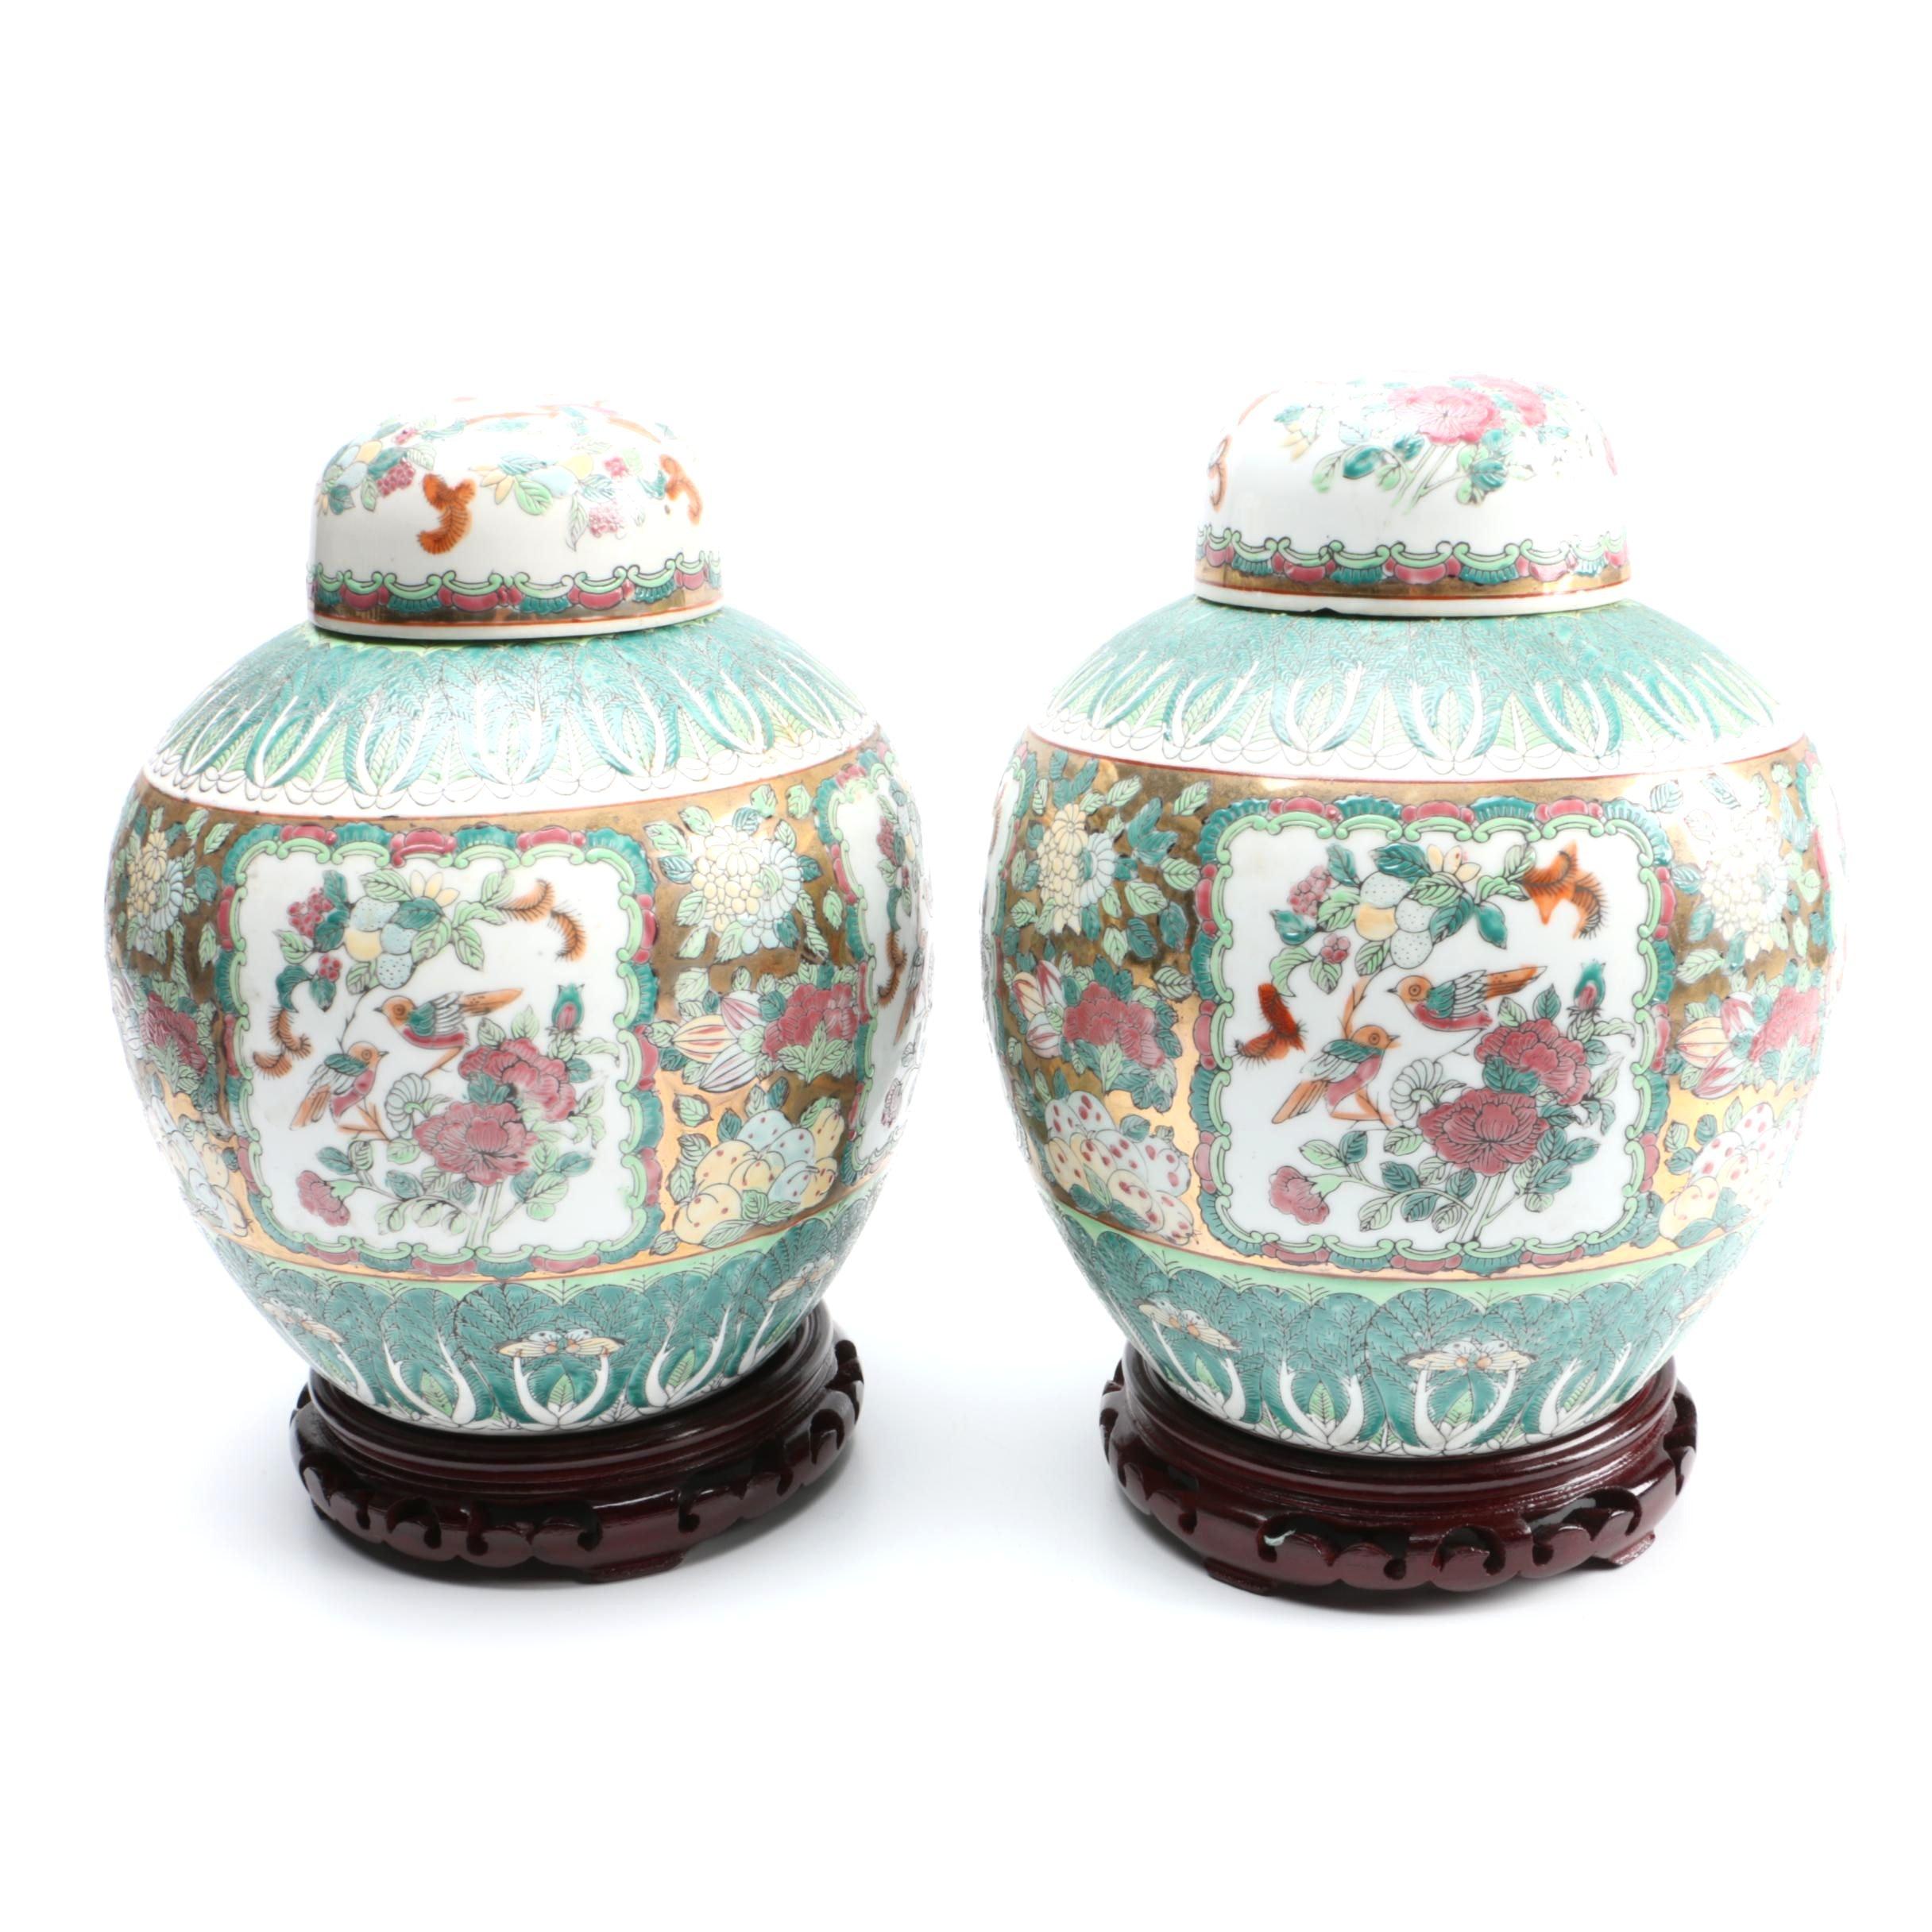 Pair of Chinese Handmade Famille Verte Style Porcelain Urns